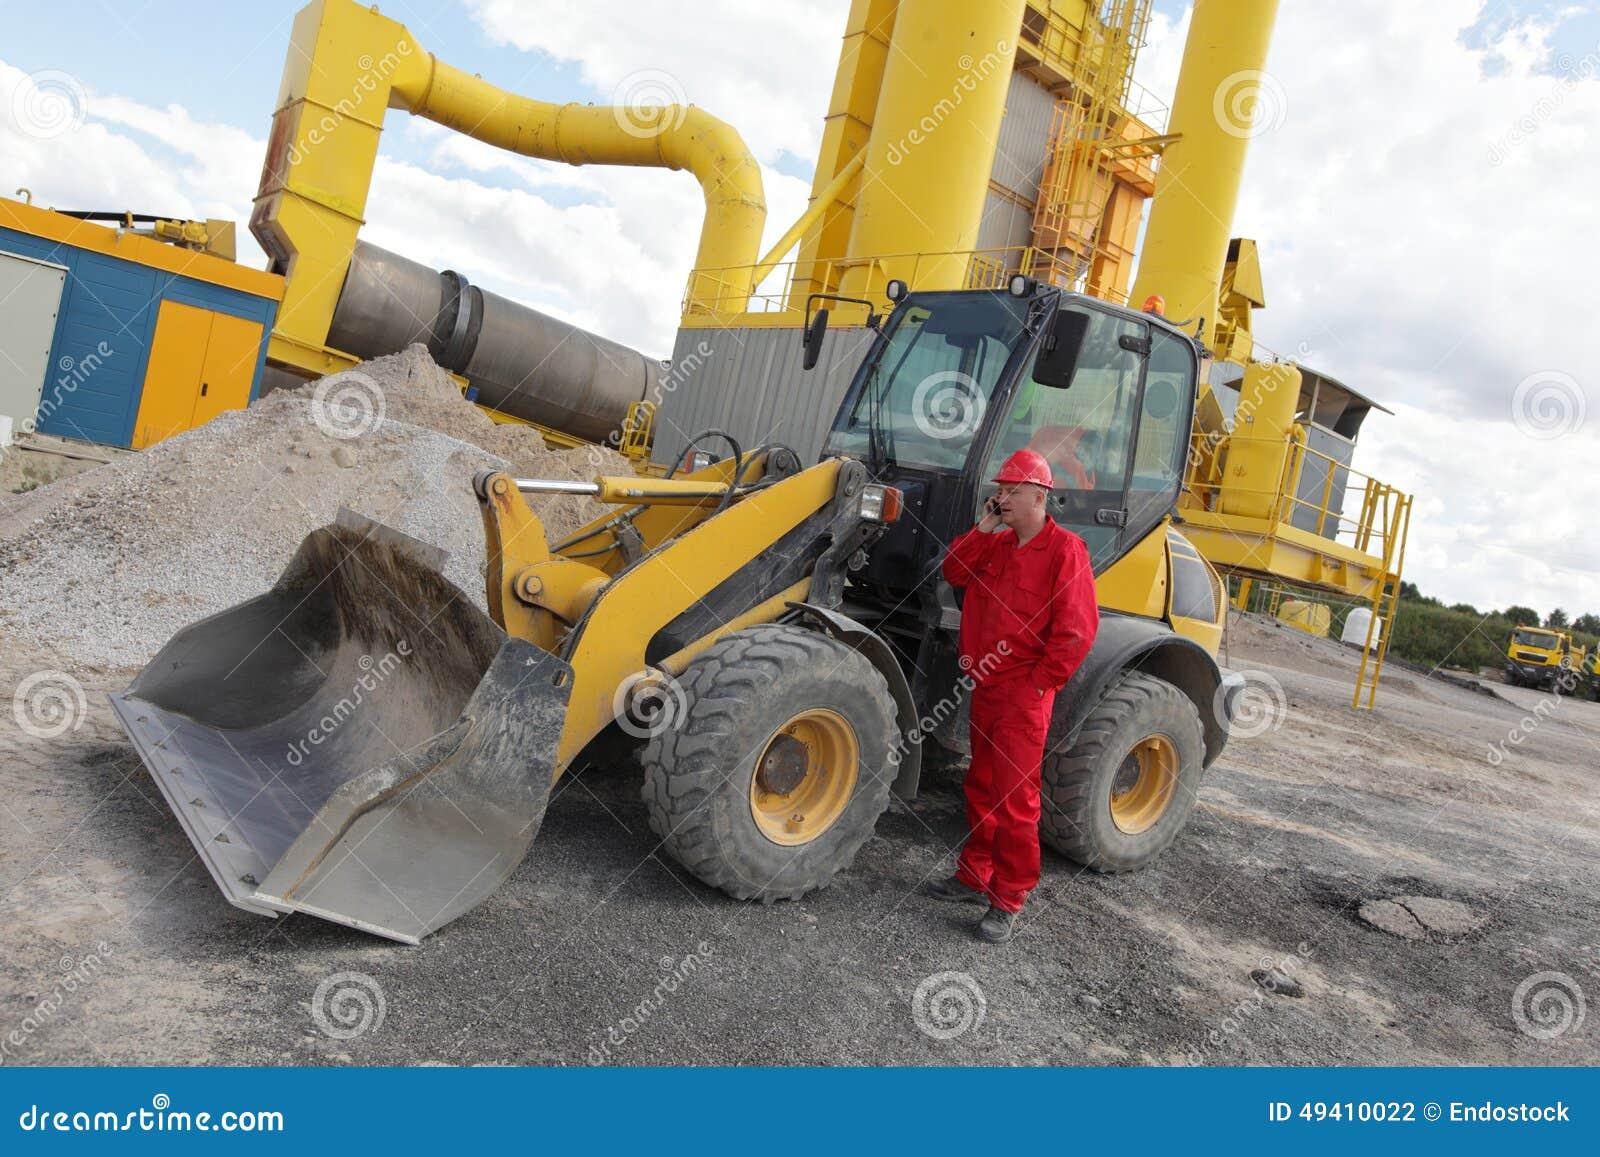 Download Arbeitskraft In Der Roten Uniform Am Telefon Am Buldozer An Der Baustelle Stockfoto - Bild von schwer, coveralls: 49410022